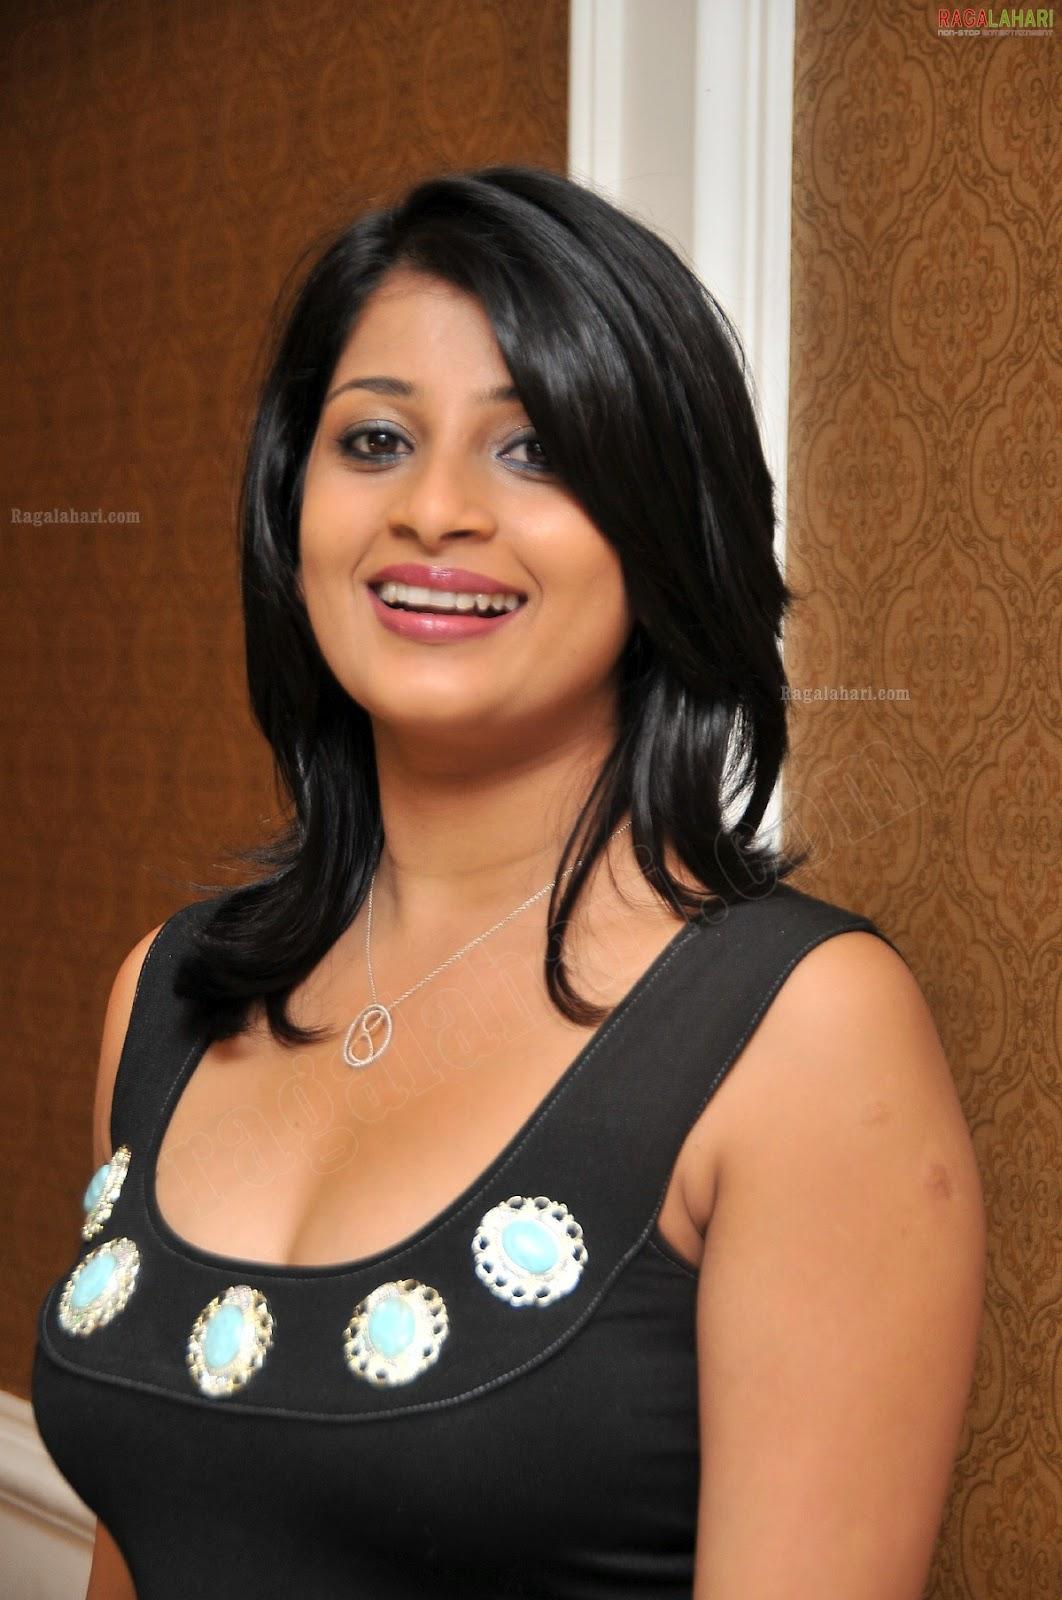 Sri Lankan Sexy Girls Shiranthi Hemamali   Gossip Lanka